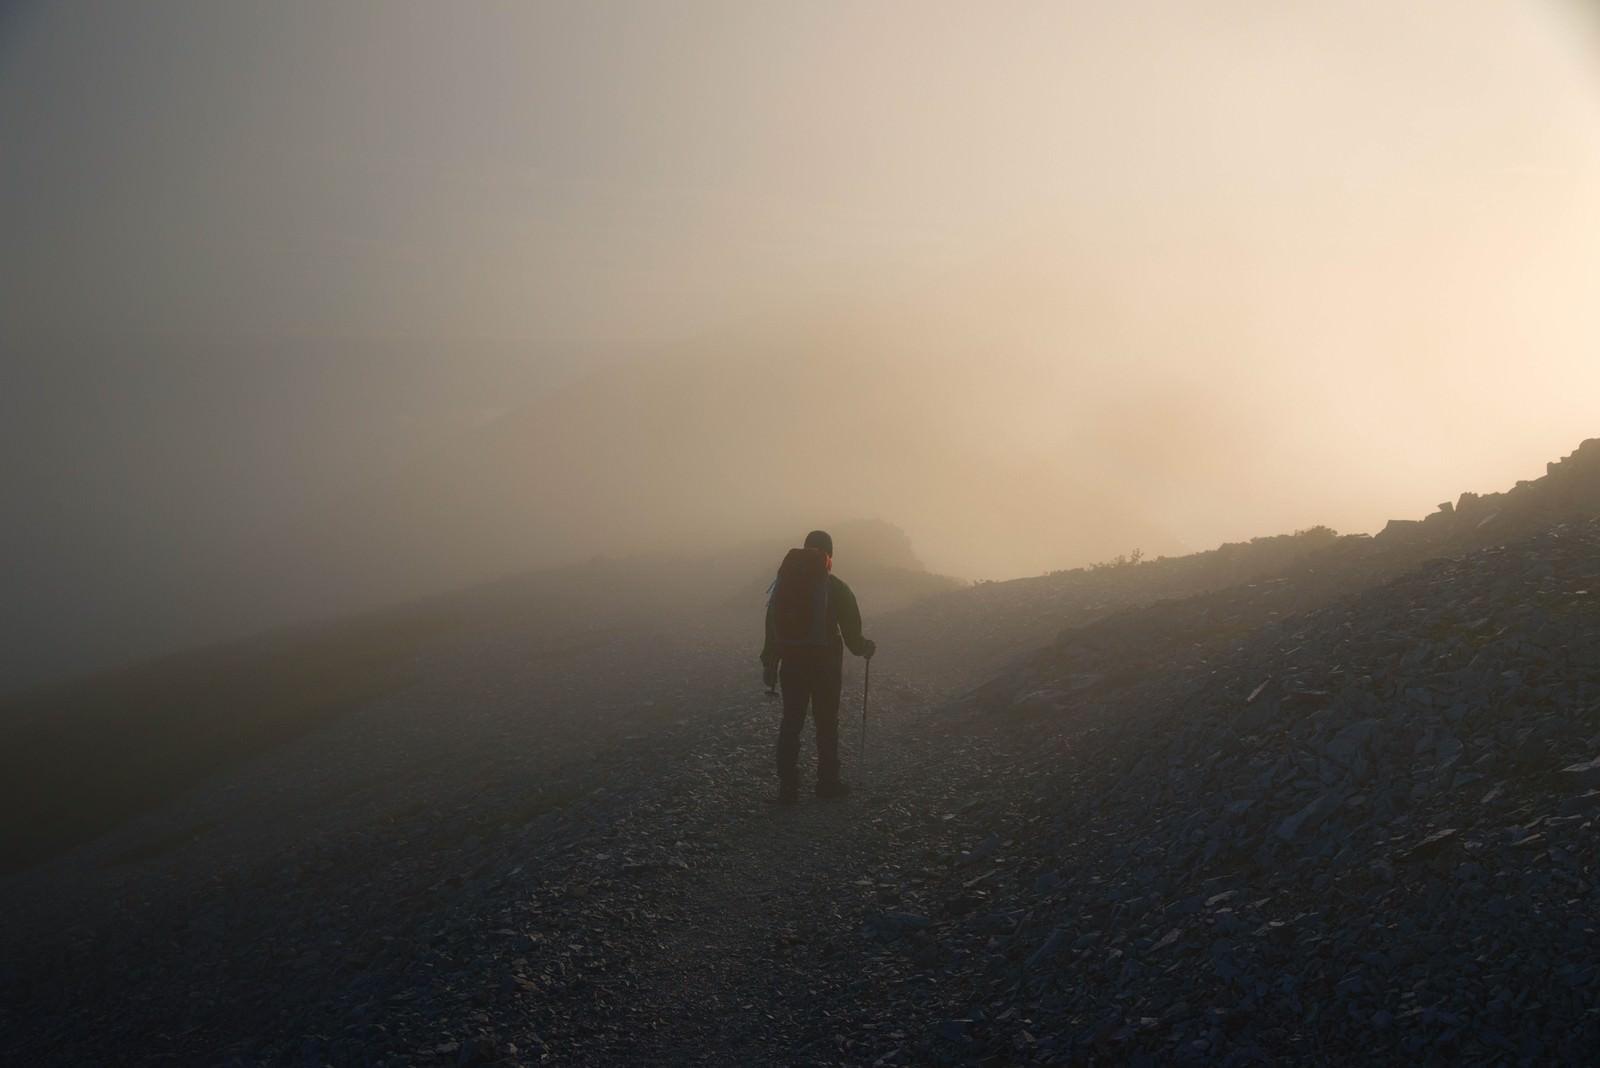 「五里霧中な登山者」の写真